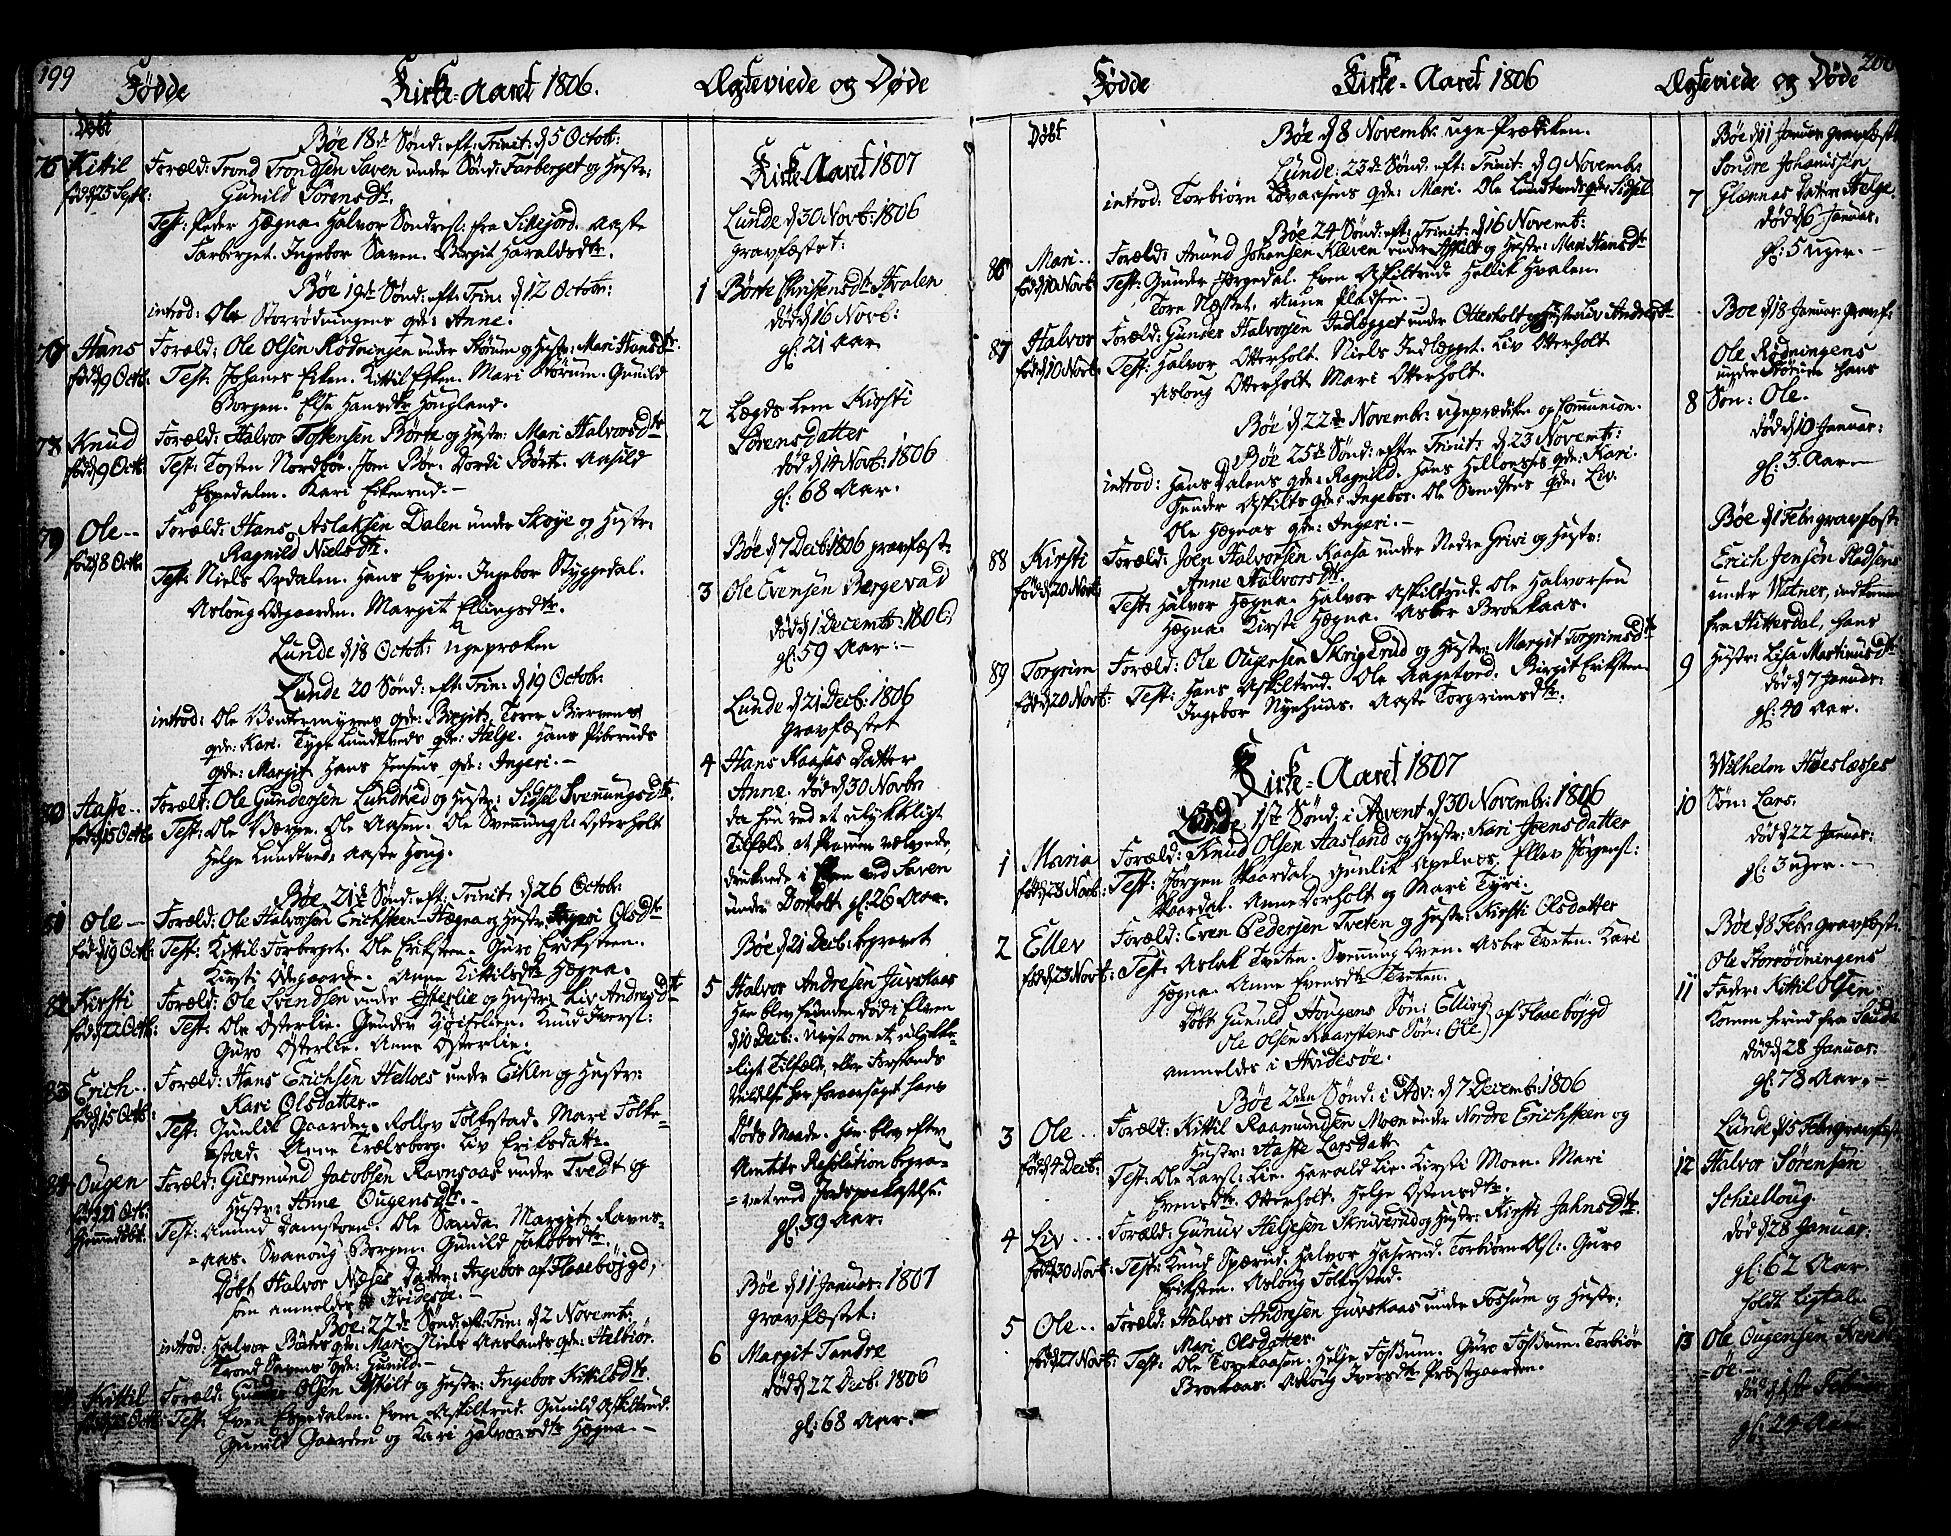 SAKO, Bø kirkebøker, F/Fa/L0005: Ministerialbok nr. 5, 1785-1815, s. 199-200